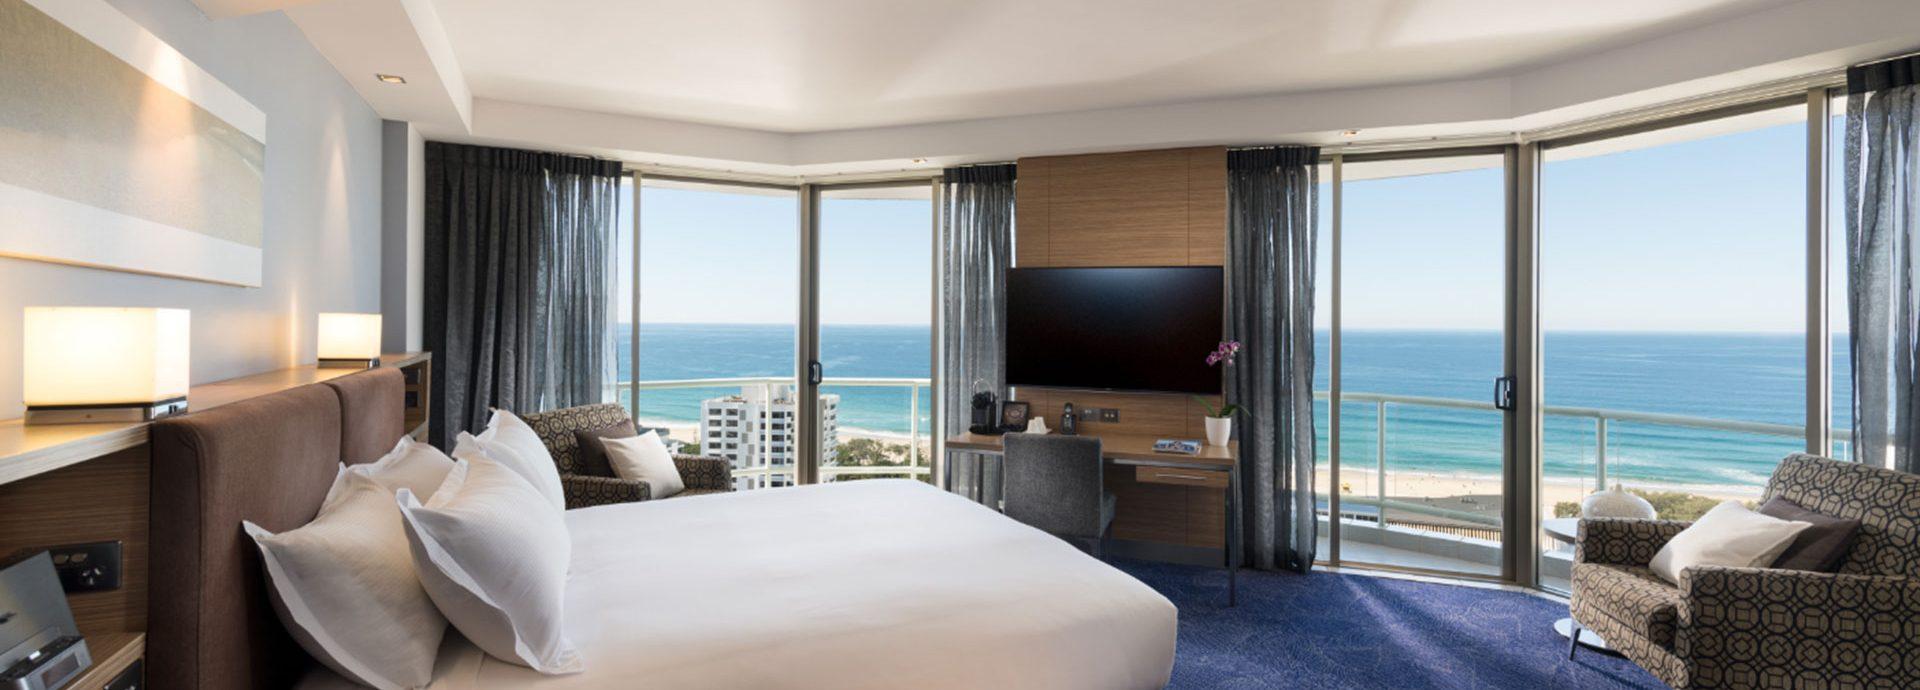 luxury-ocean-view-room